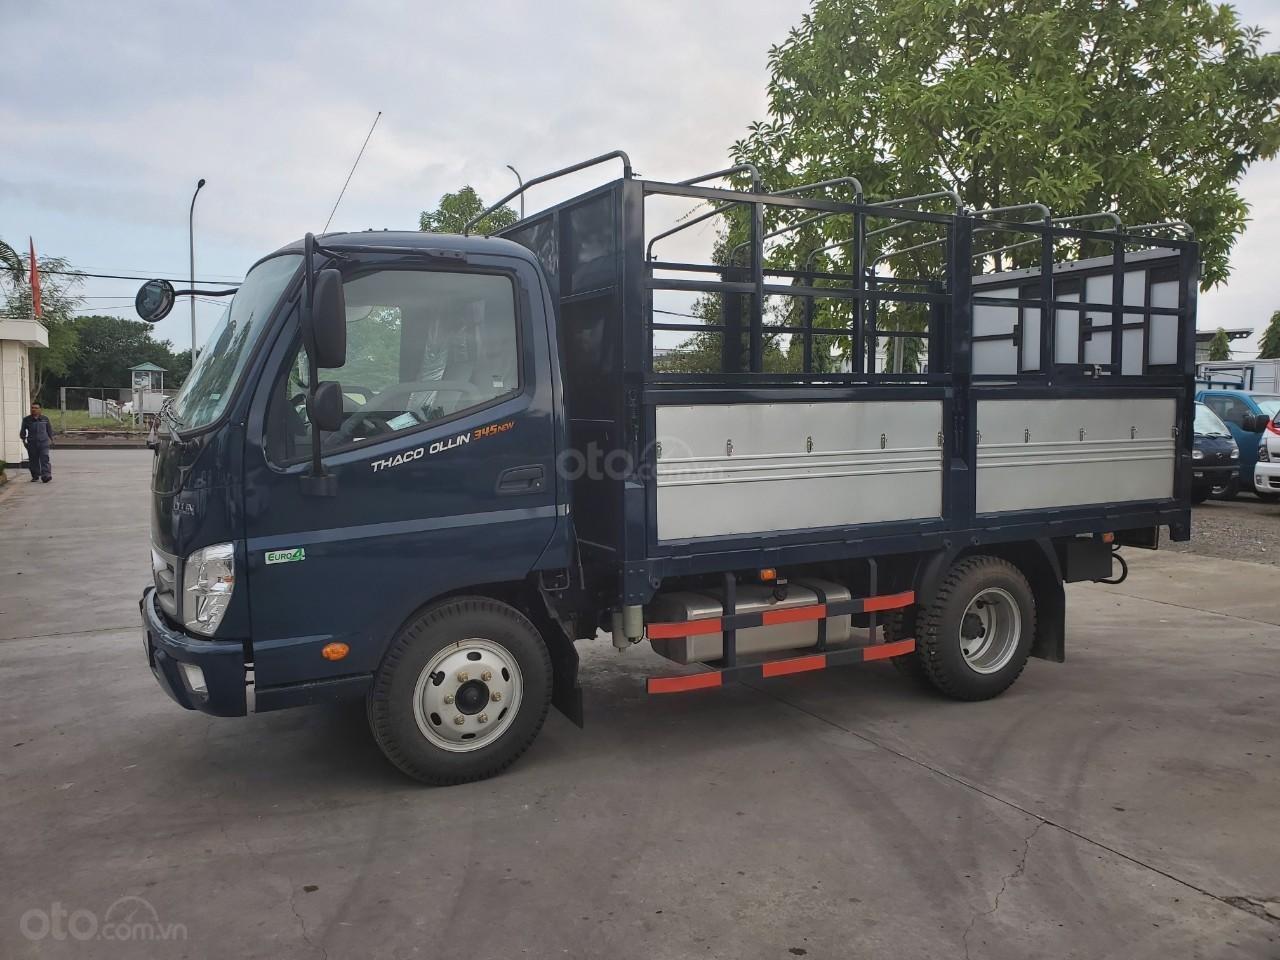 Bán xe tải Thaco OLLIN 345 E4 đời 2019 tải 2.5 tấn, giá tốt (4)